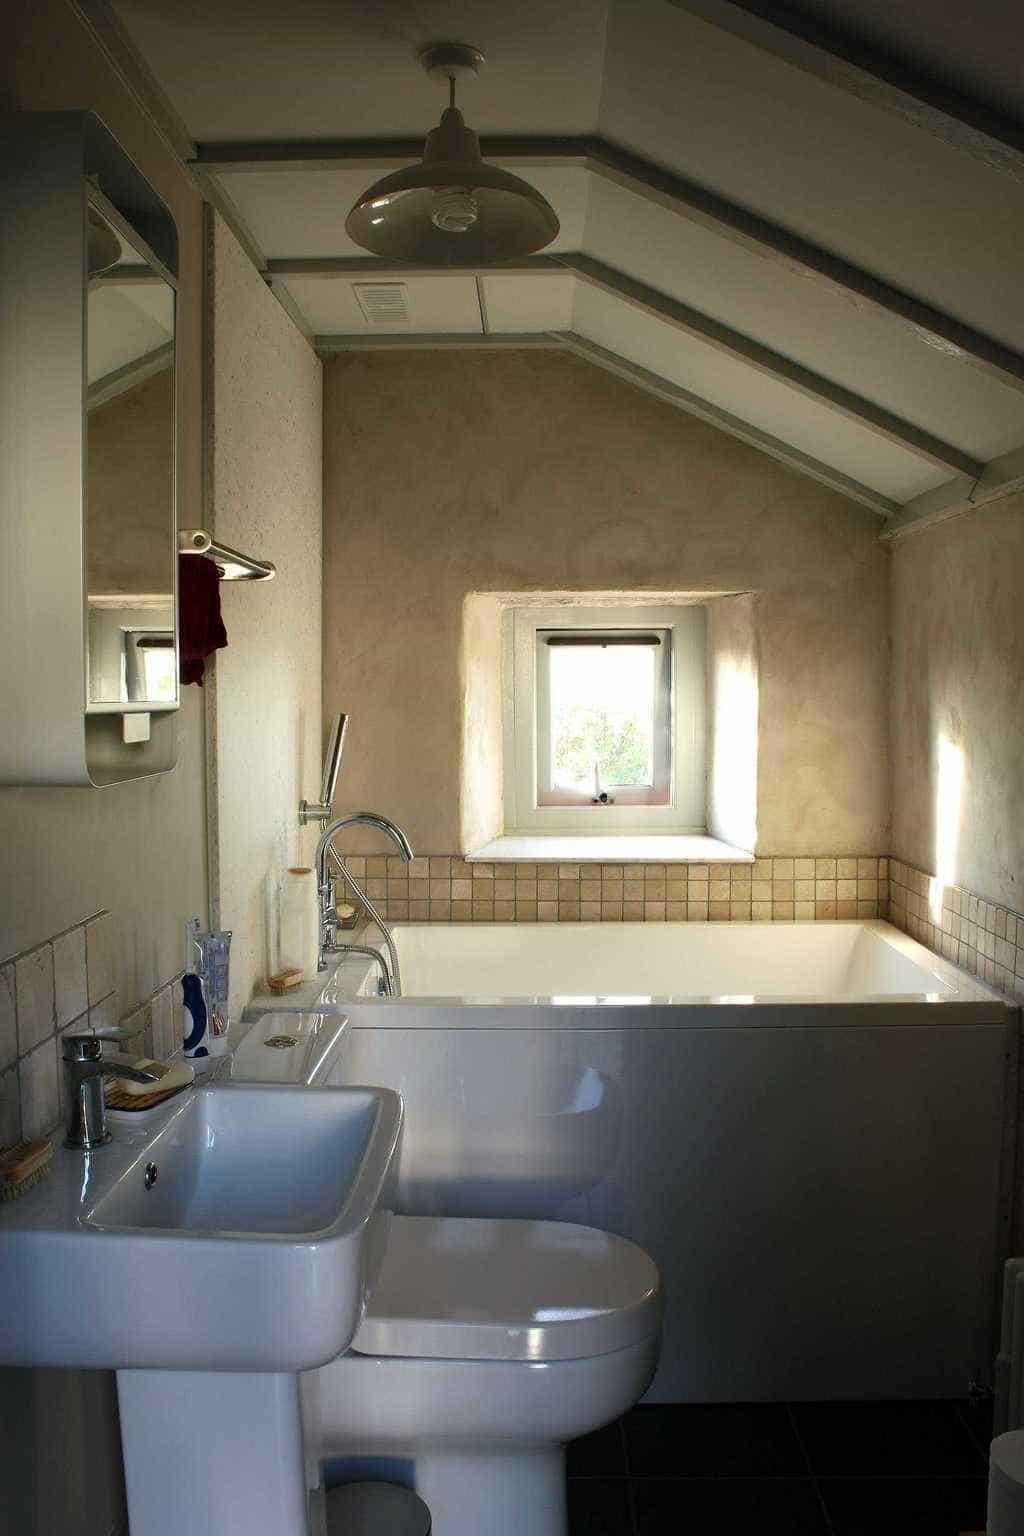 The Calyx 1230 space saving bath.